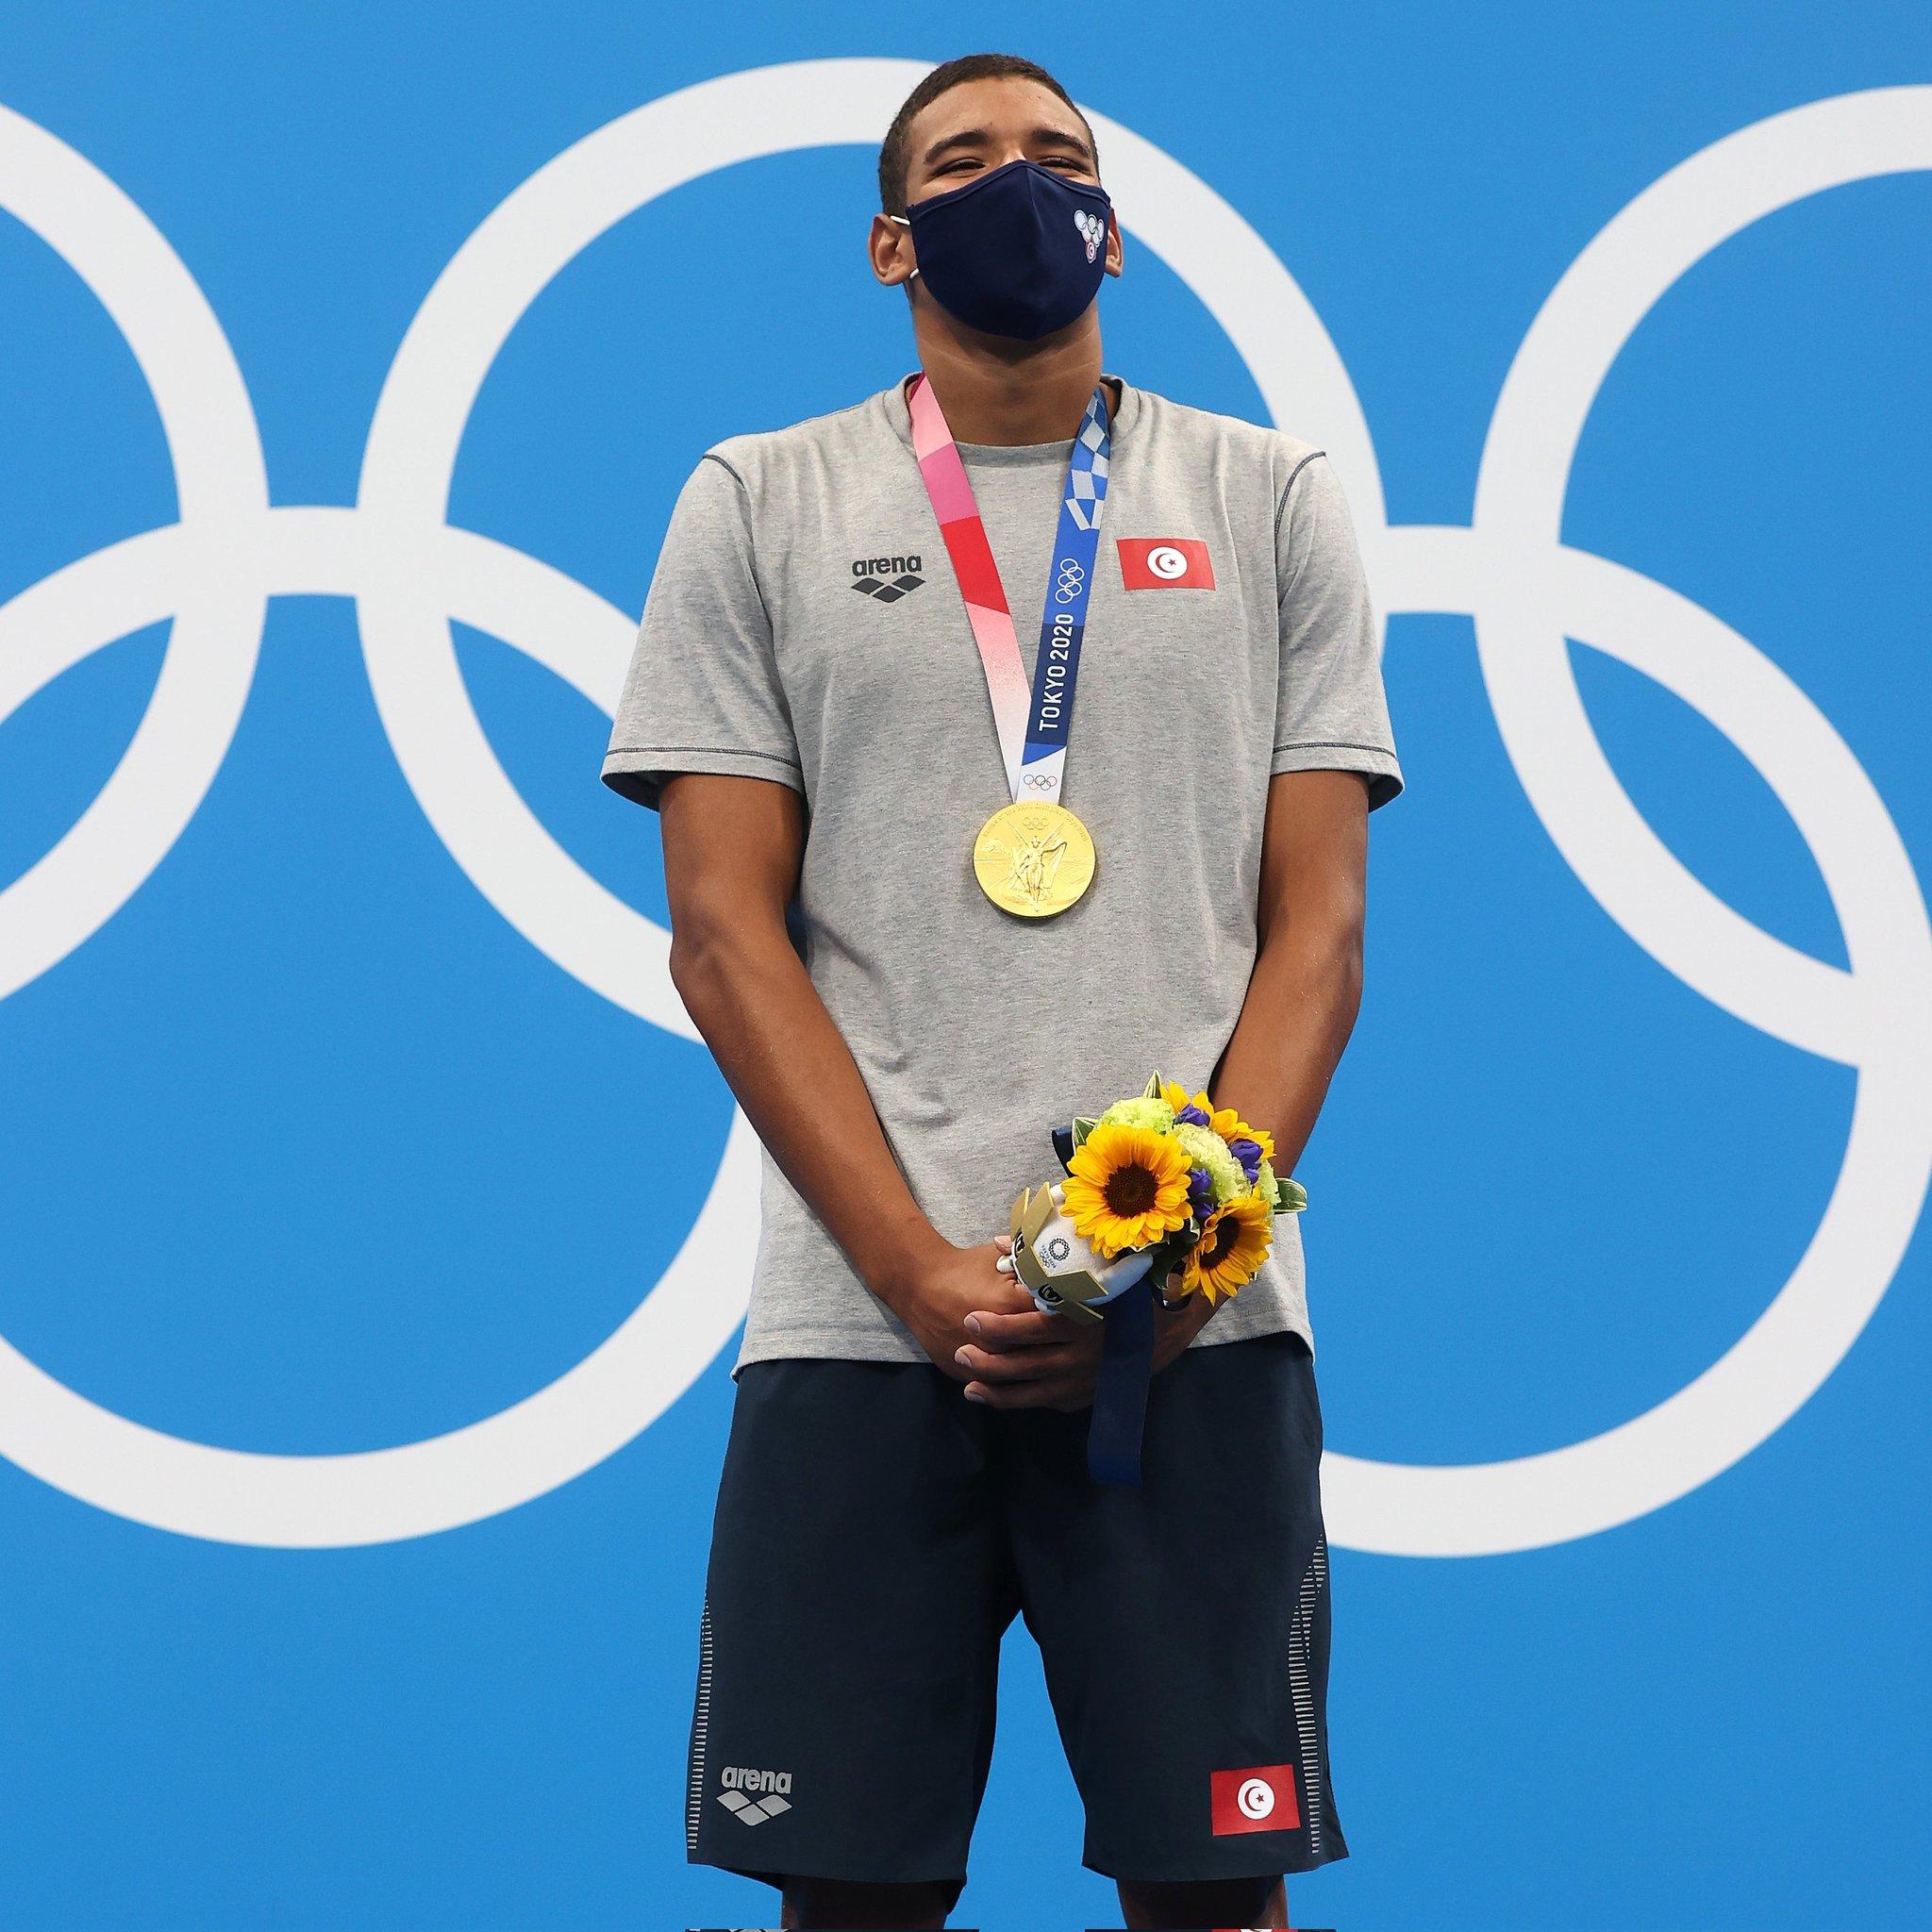 أولمبياد طوكيو - السباح التونسي أحمد الحفناوي